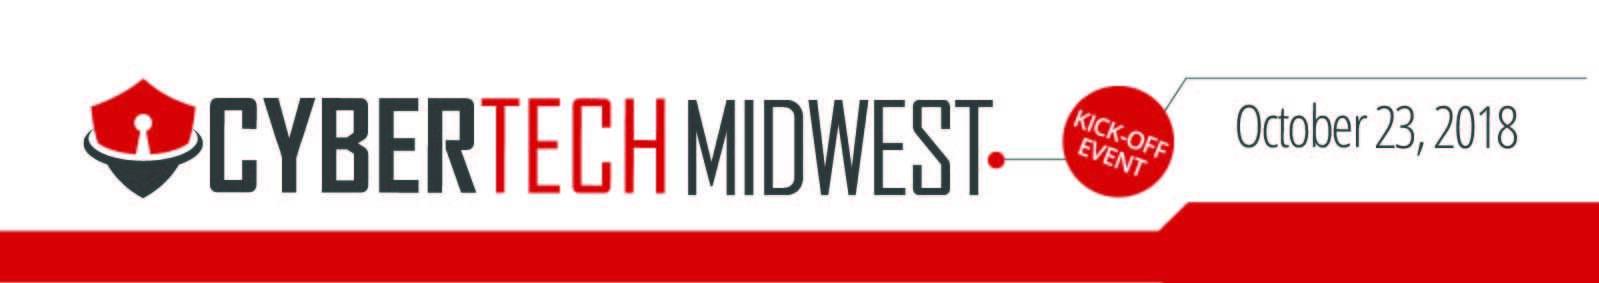 Cybertech Midwest 2018